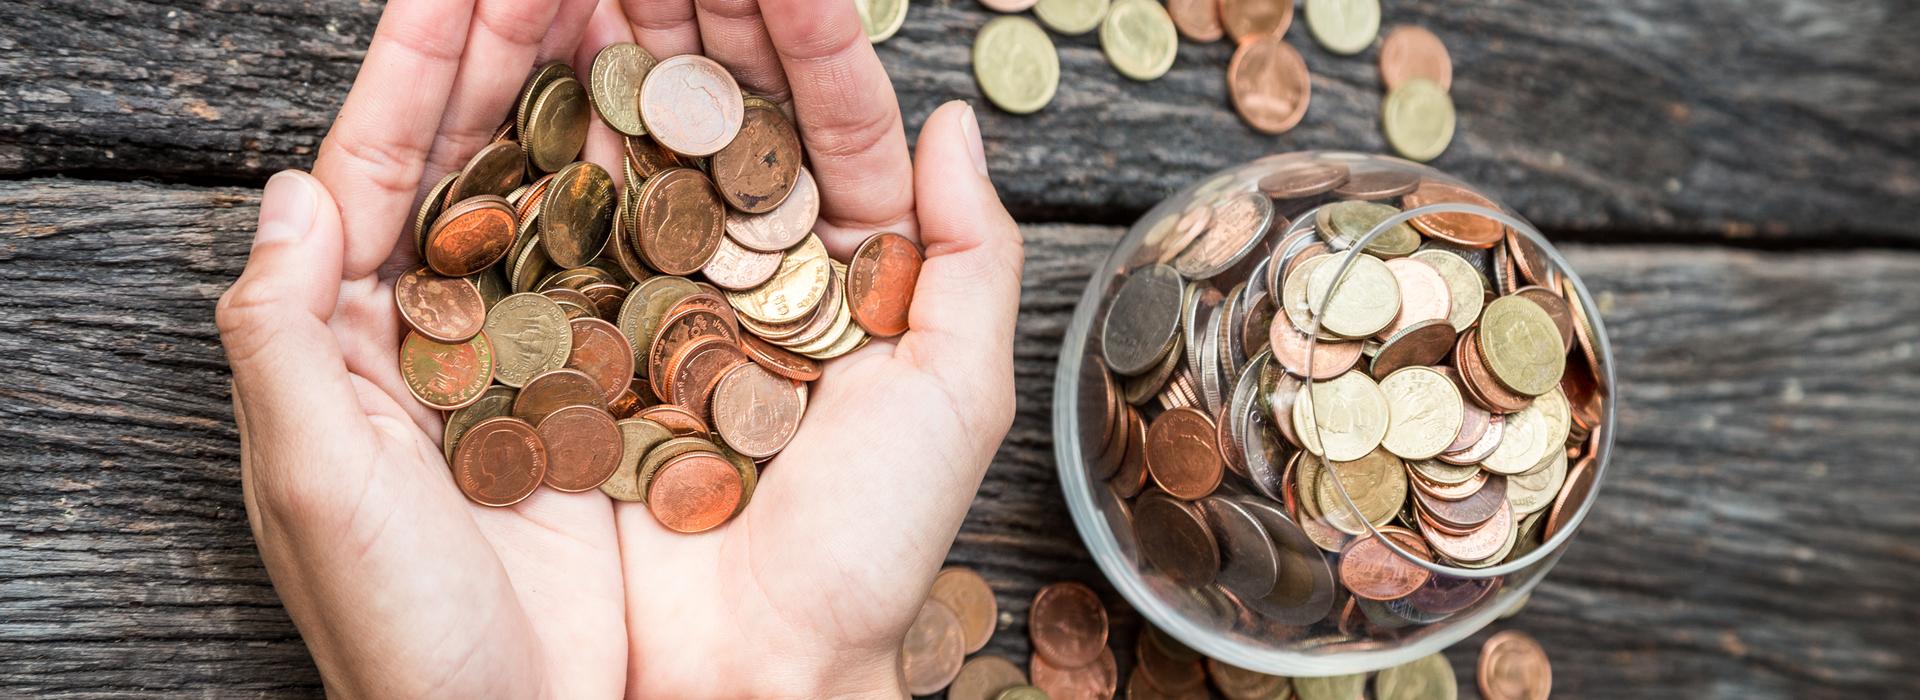 想存錢嗎? 網友分享如何20分鐘存1千元